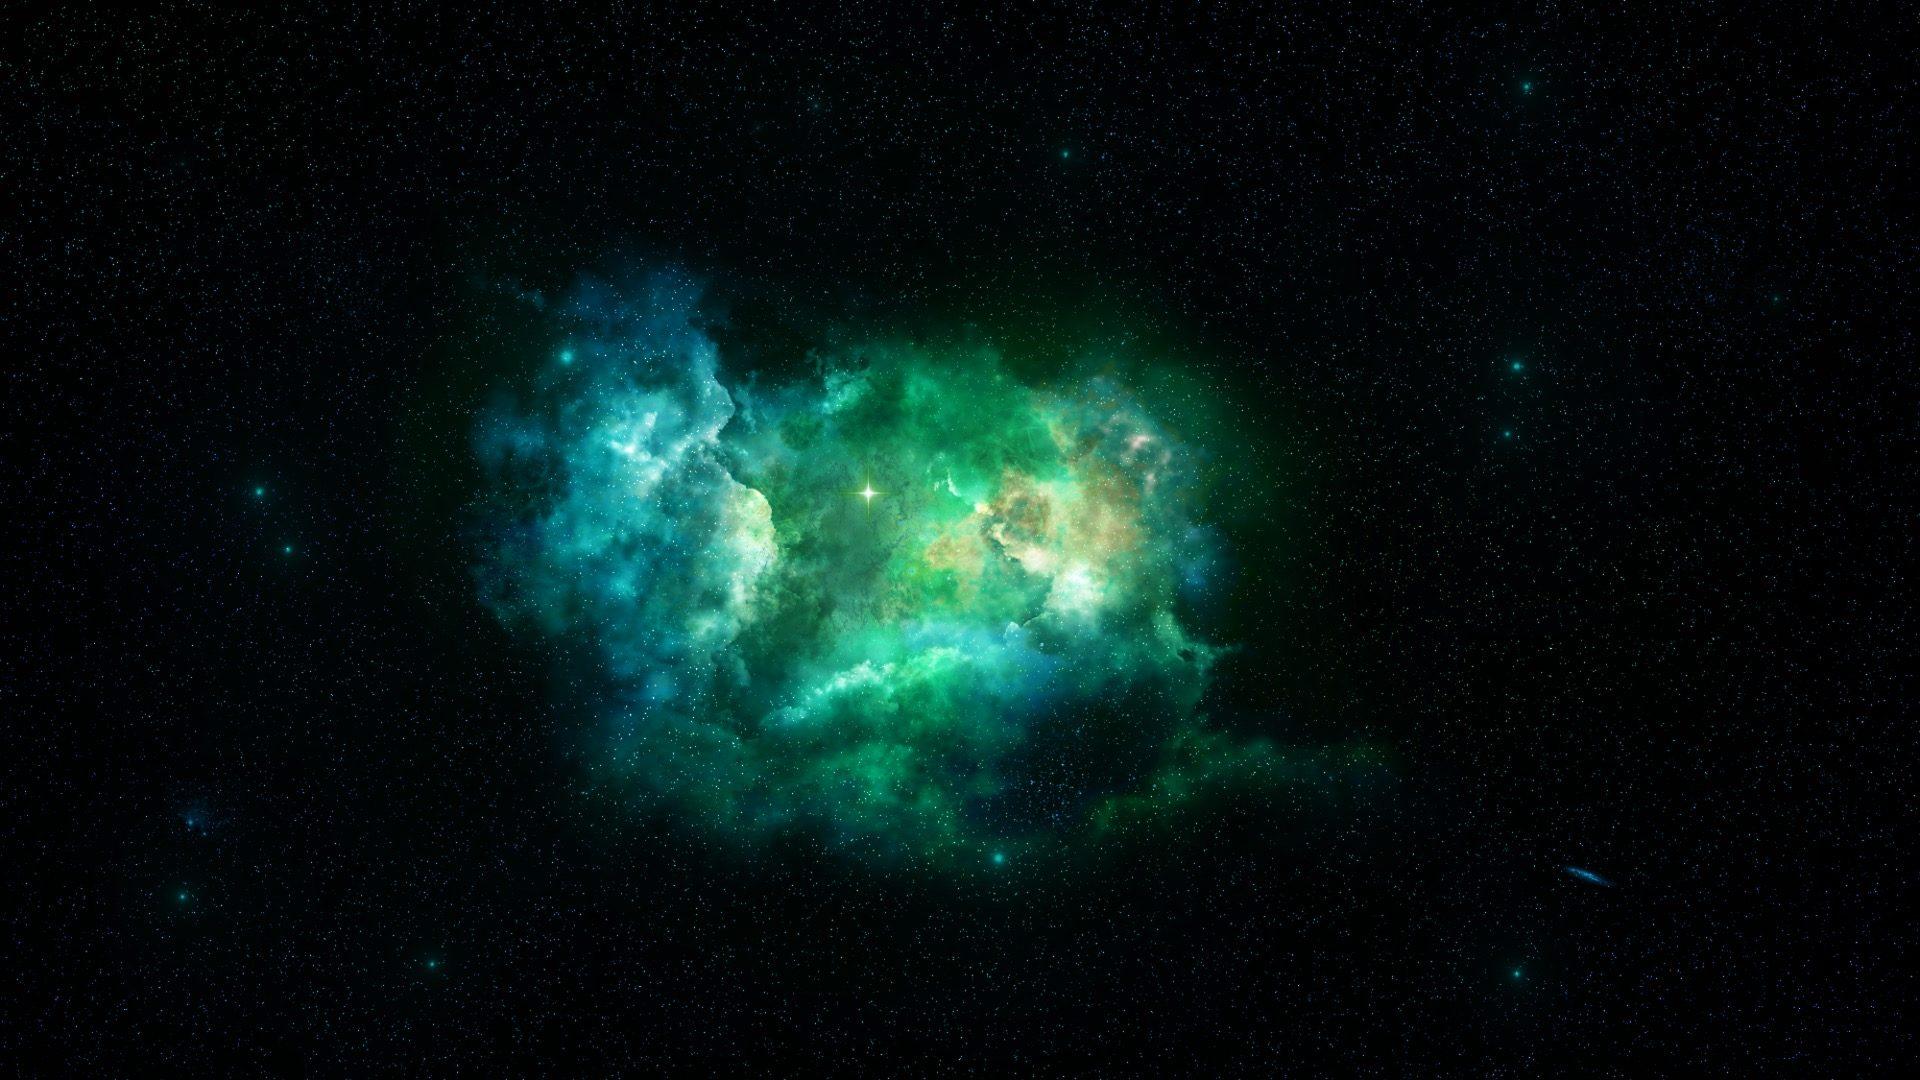 Nébuleuse, Galaxy, espace, poudre, gaz, fiction - Fonds d'écran HD - Professor-falken.com